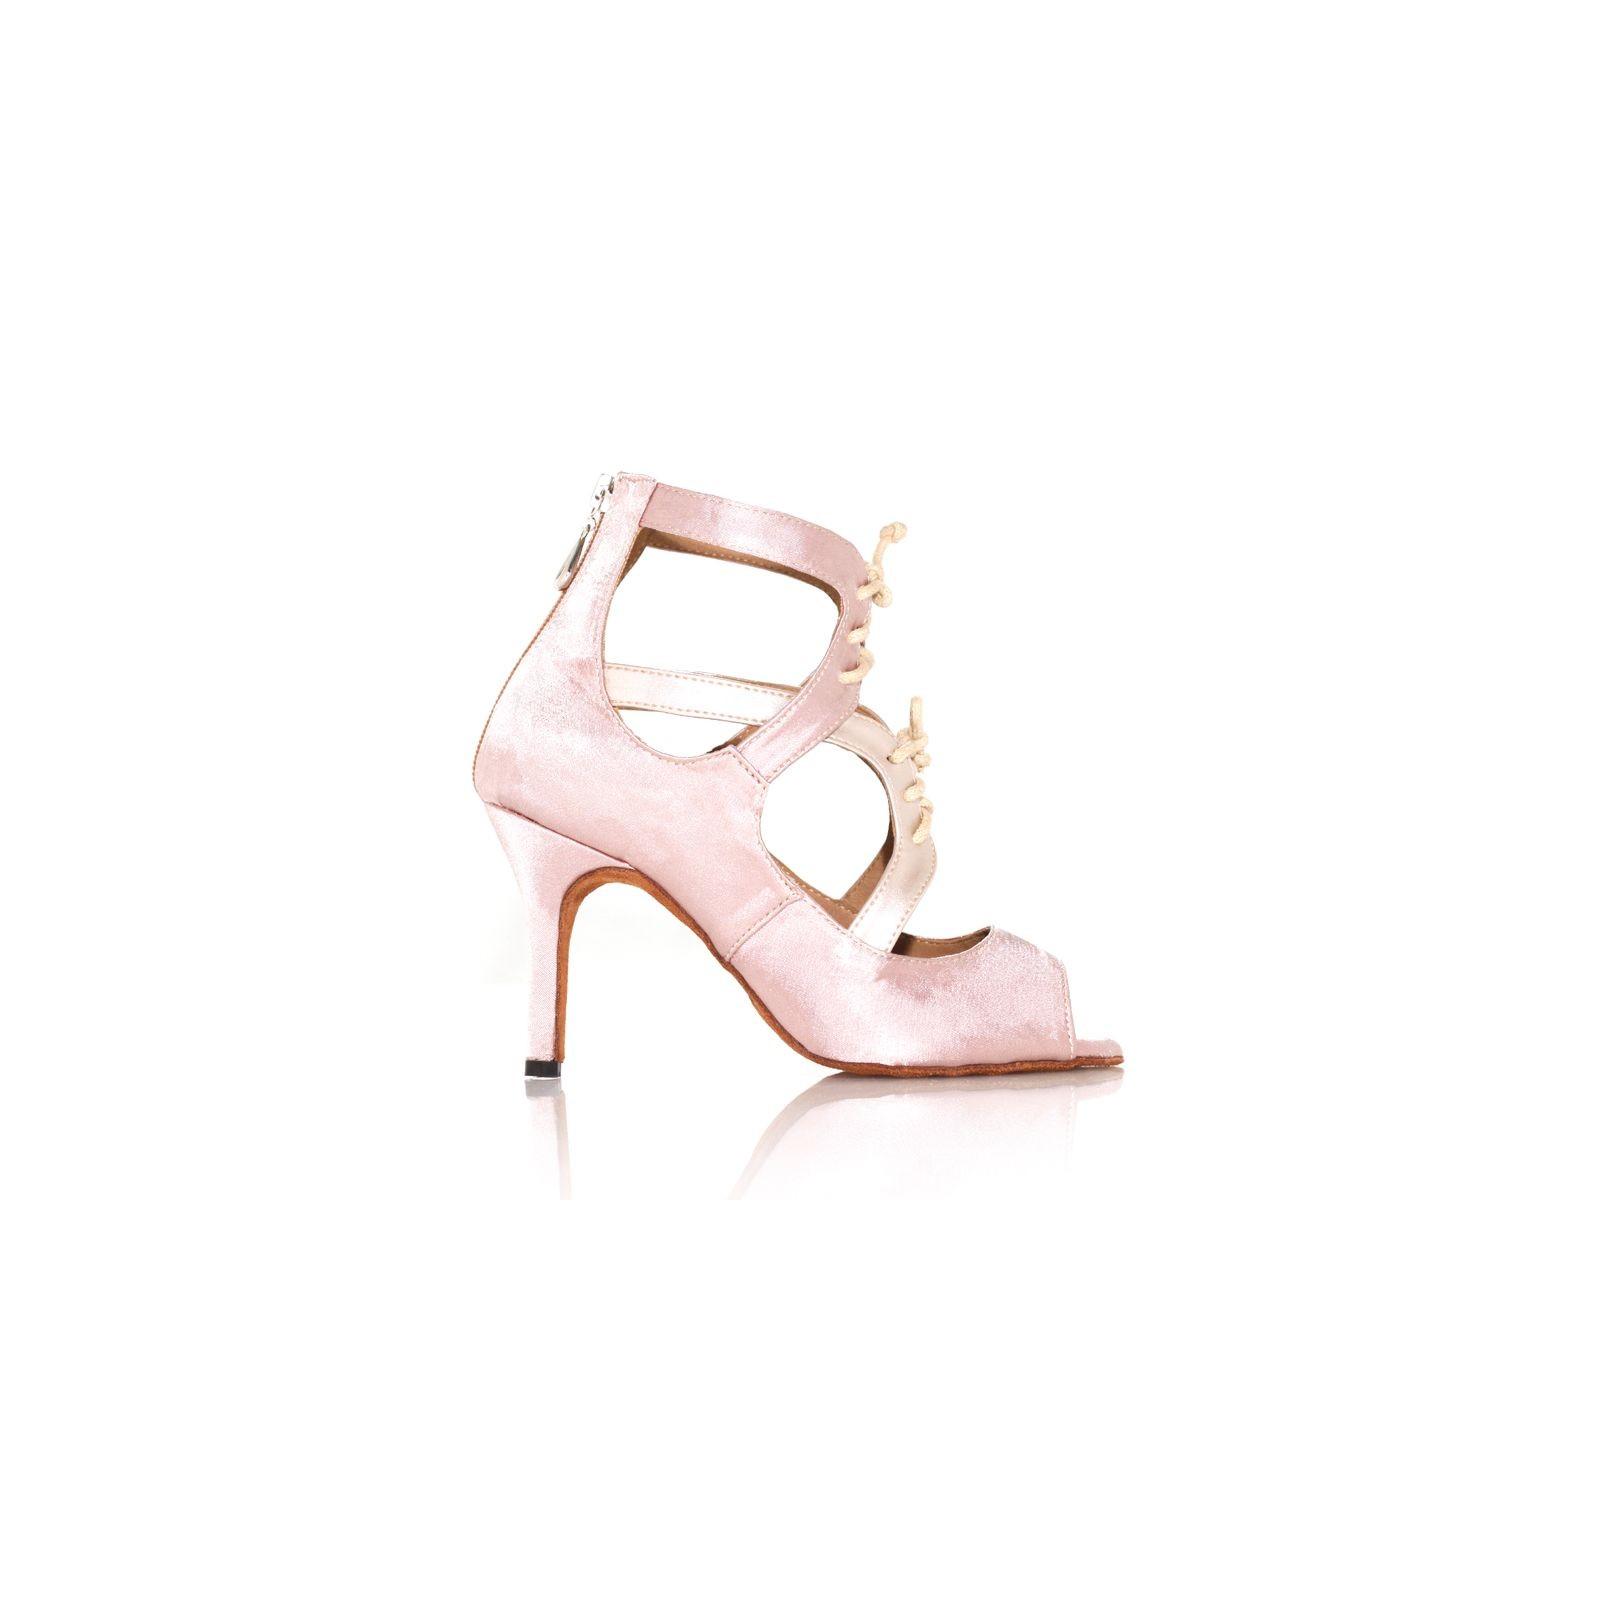 De Chaussures Label Chaussures Label De Danse Latin Danse D2WIY9EH